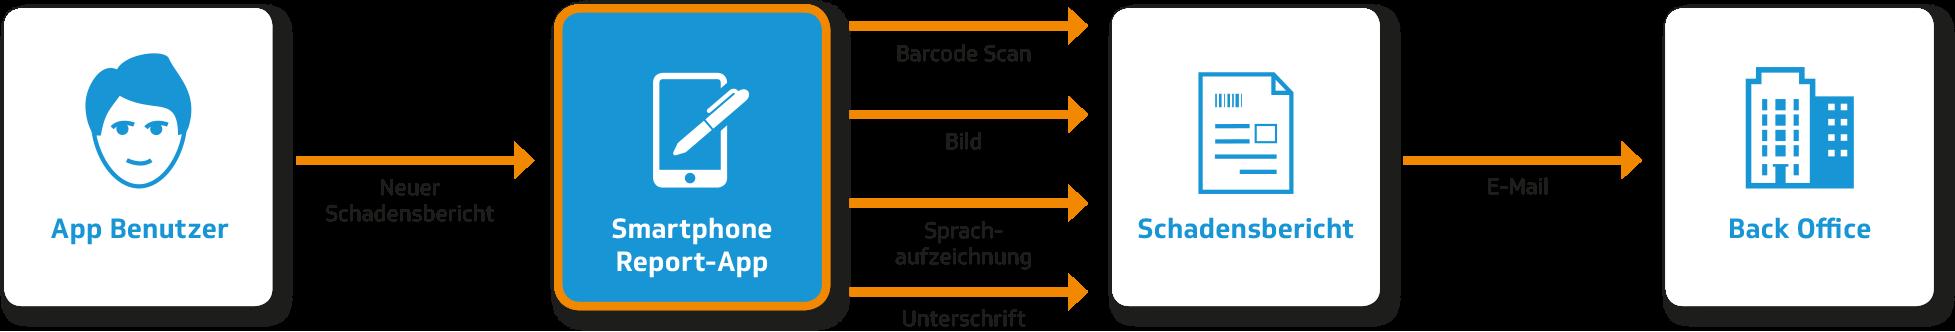 Smartphone Report-App | Funktionsweise in einfachen Schritten